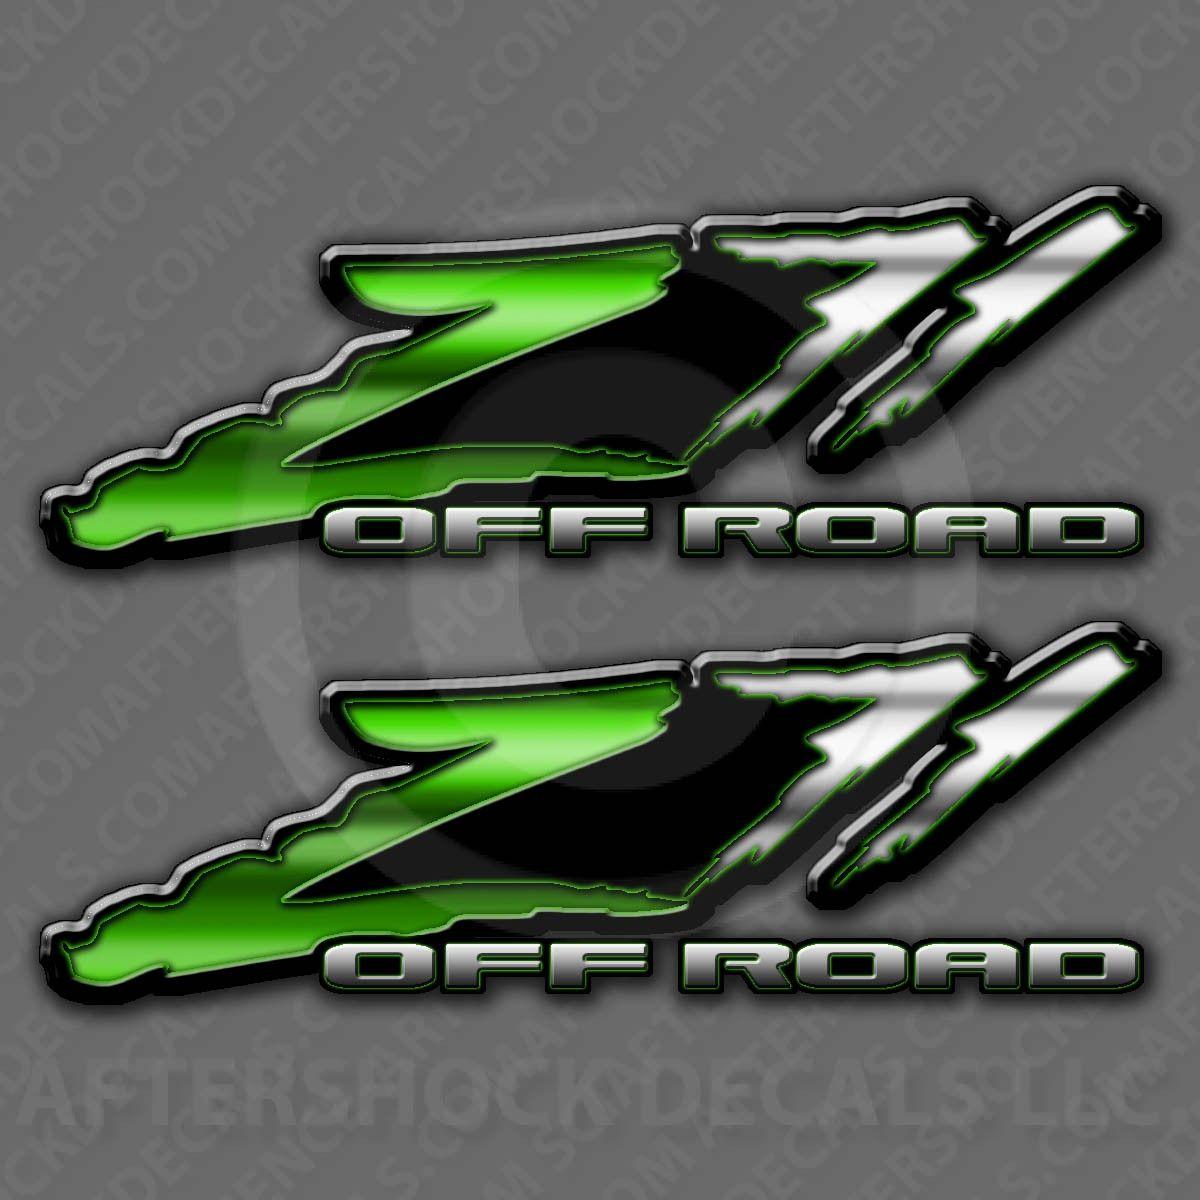 Aftershock decals z71 green slash decals 19 99 http www